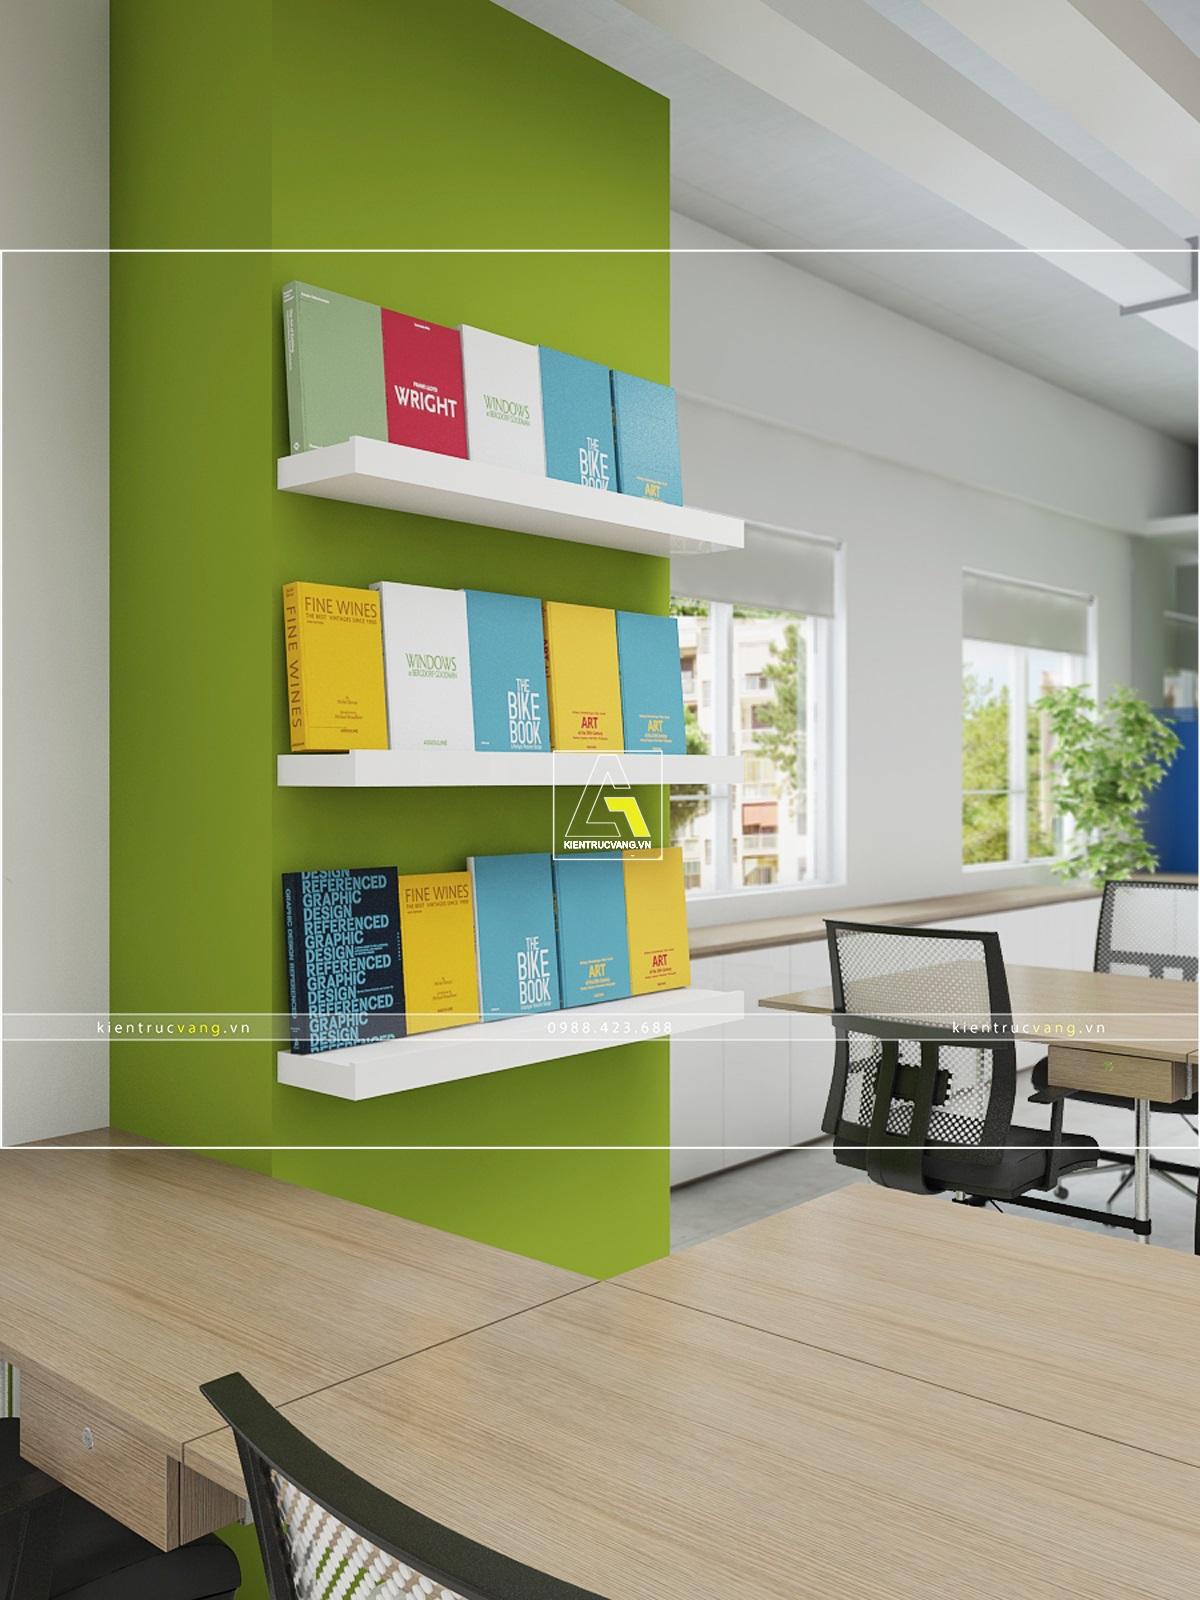 thiết kế nội thất Văn Phòng tại Hà Nội Thiết kế nội thất văn phòng VTC Mobile Hà Nội 31 1530872966